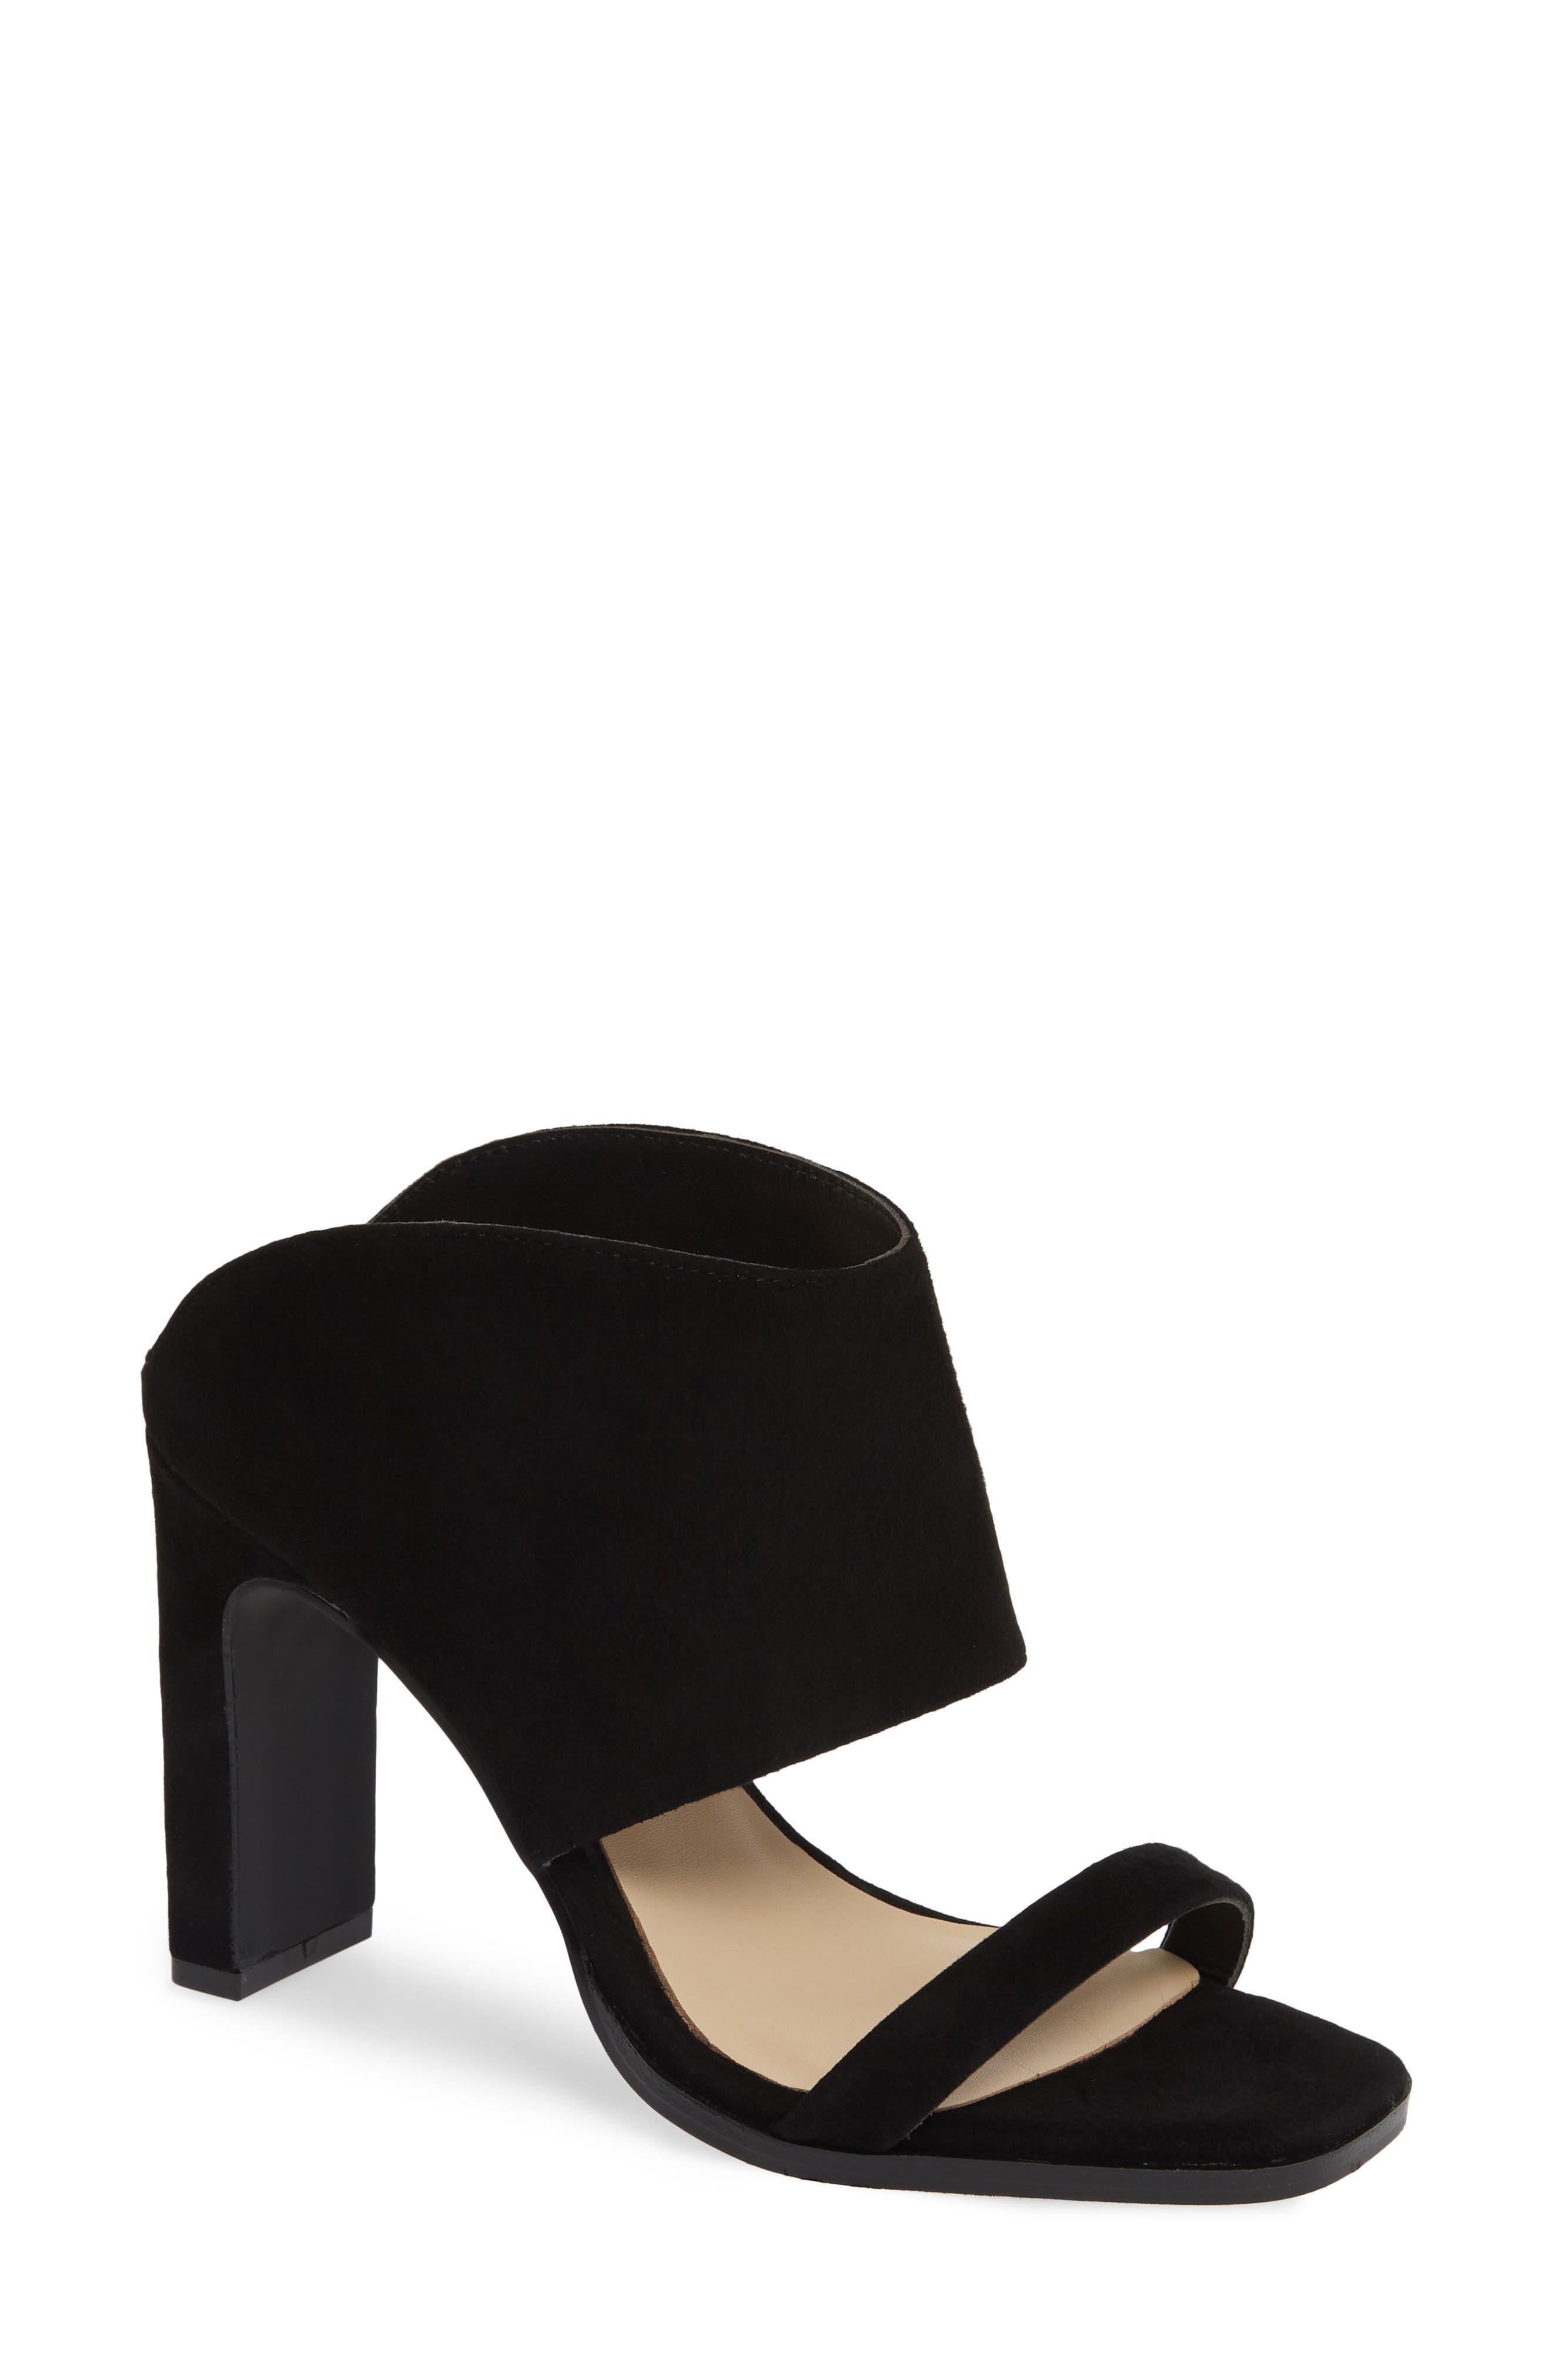 42 GOLD Linx Slide Sandal, Main, color, BLACK SUEDE